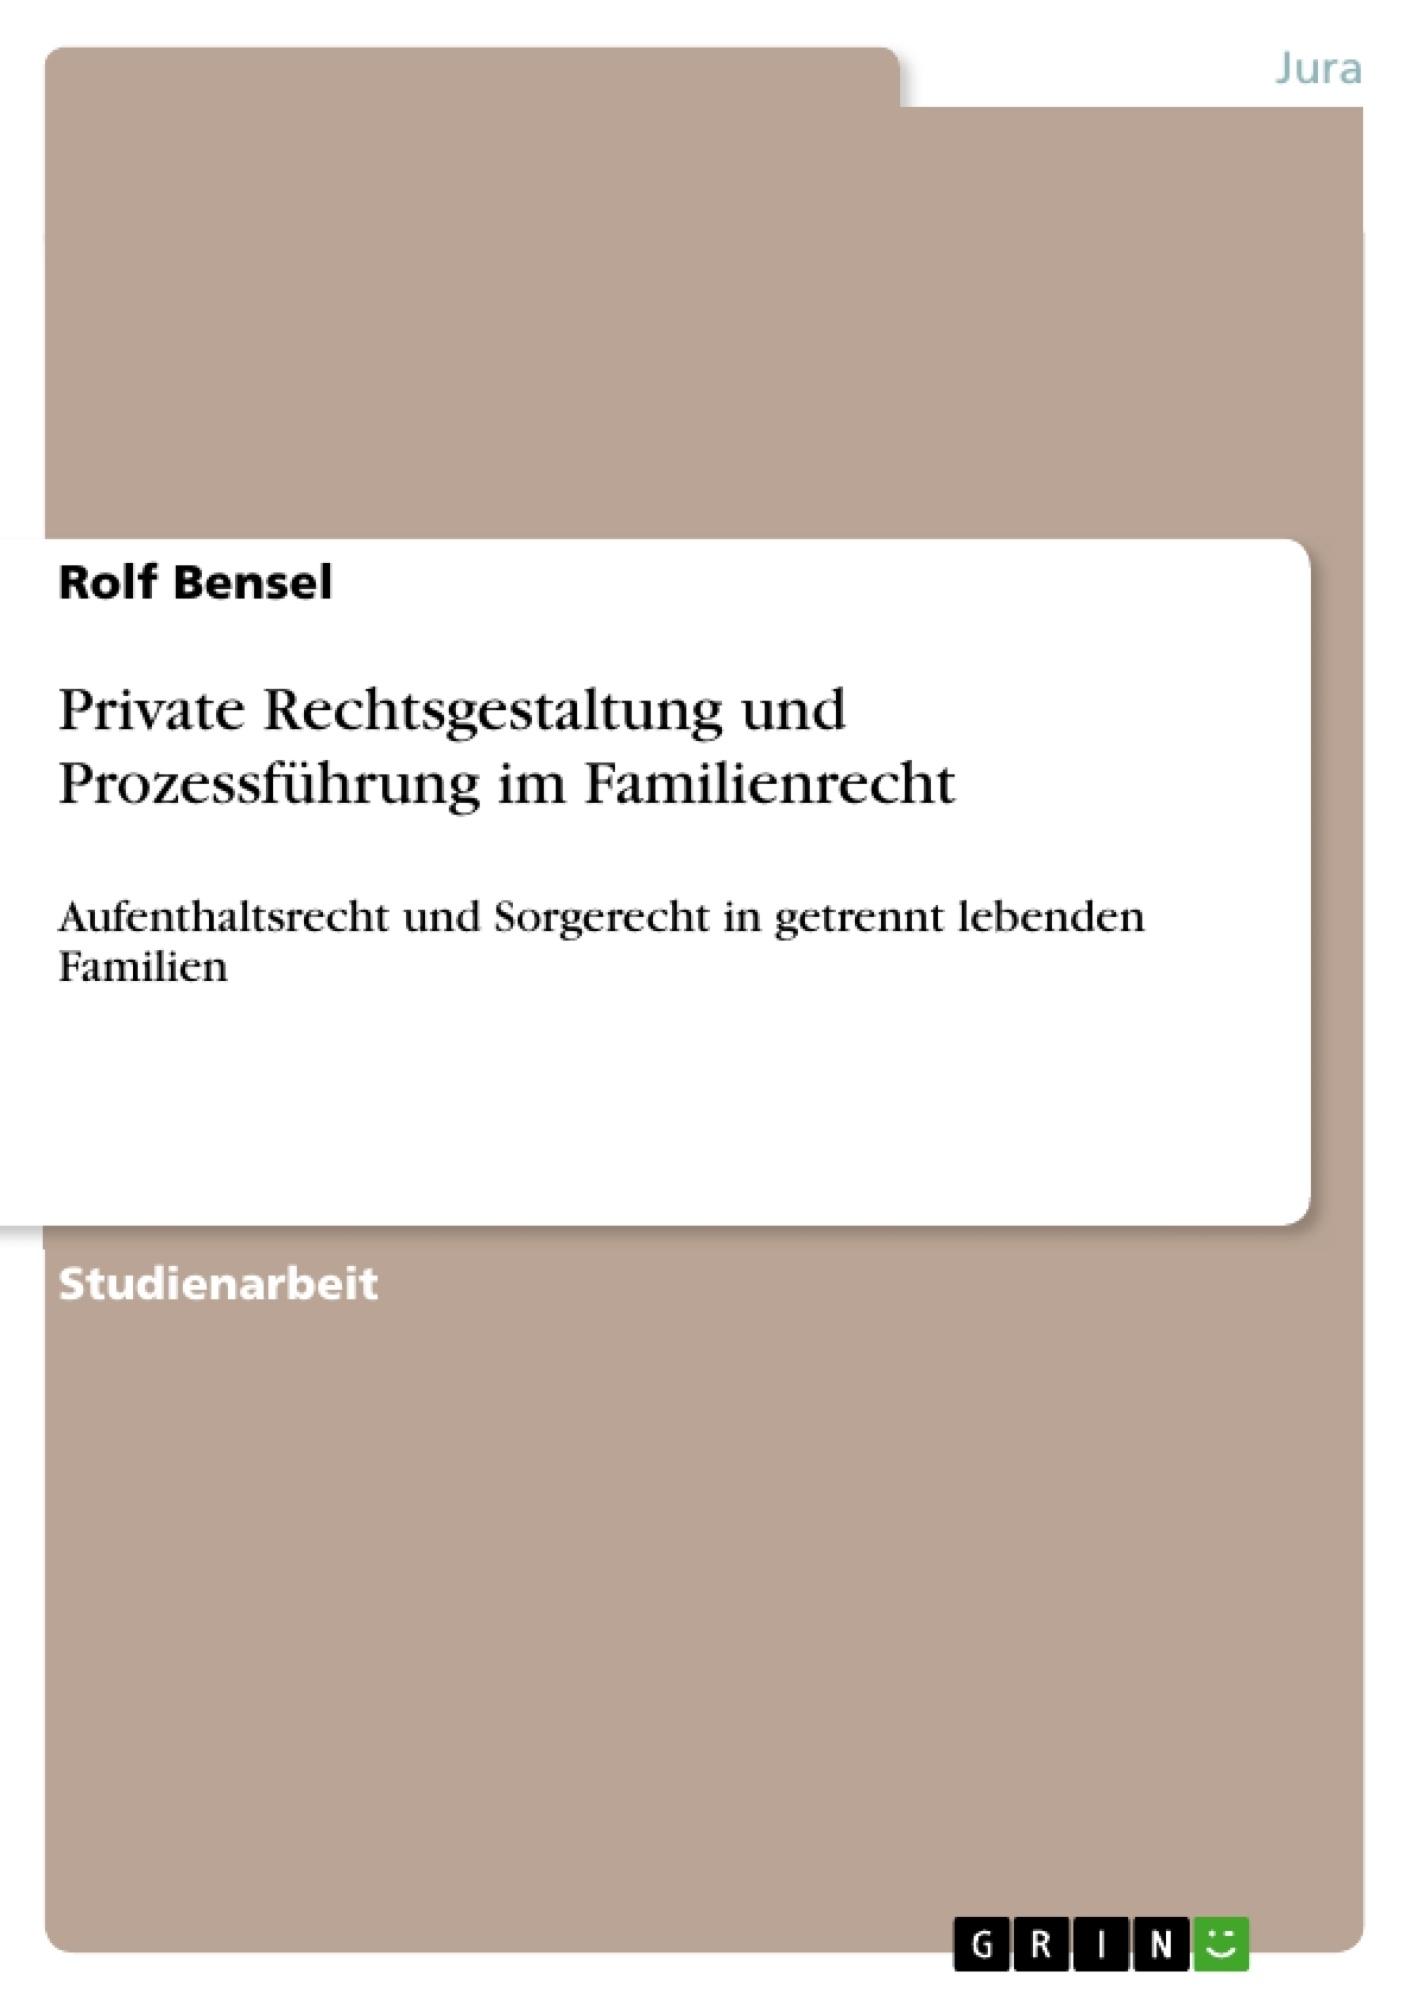 Titel: Private Rechtsgestaltung und Prozessführung im Familienrecht